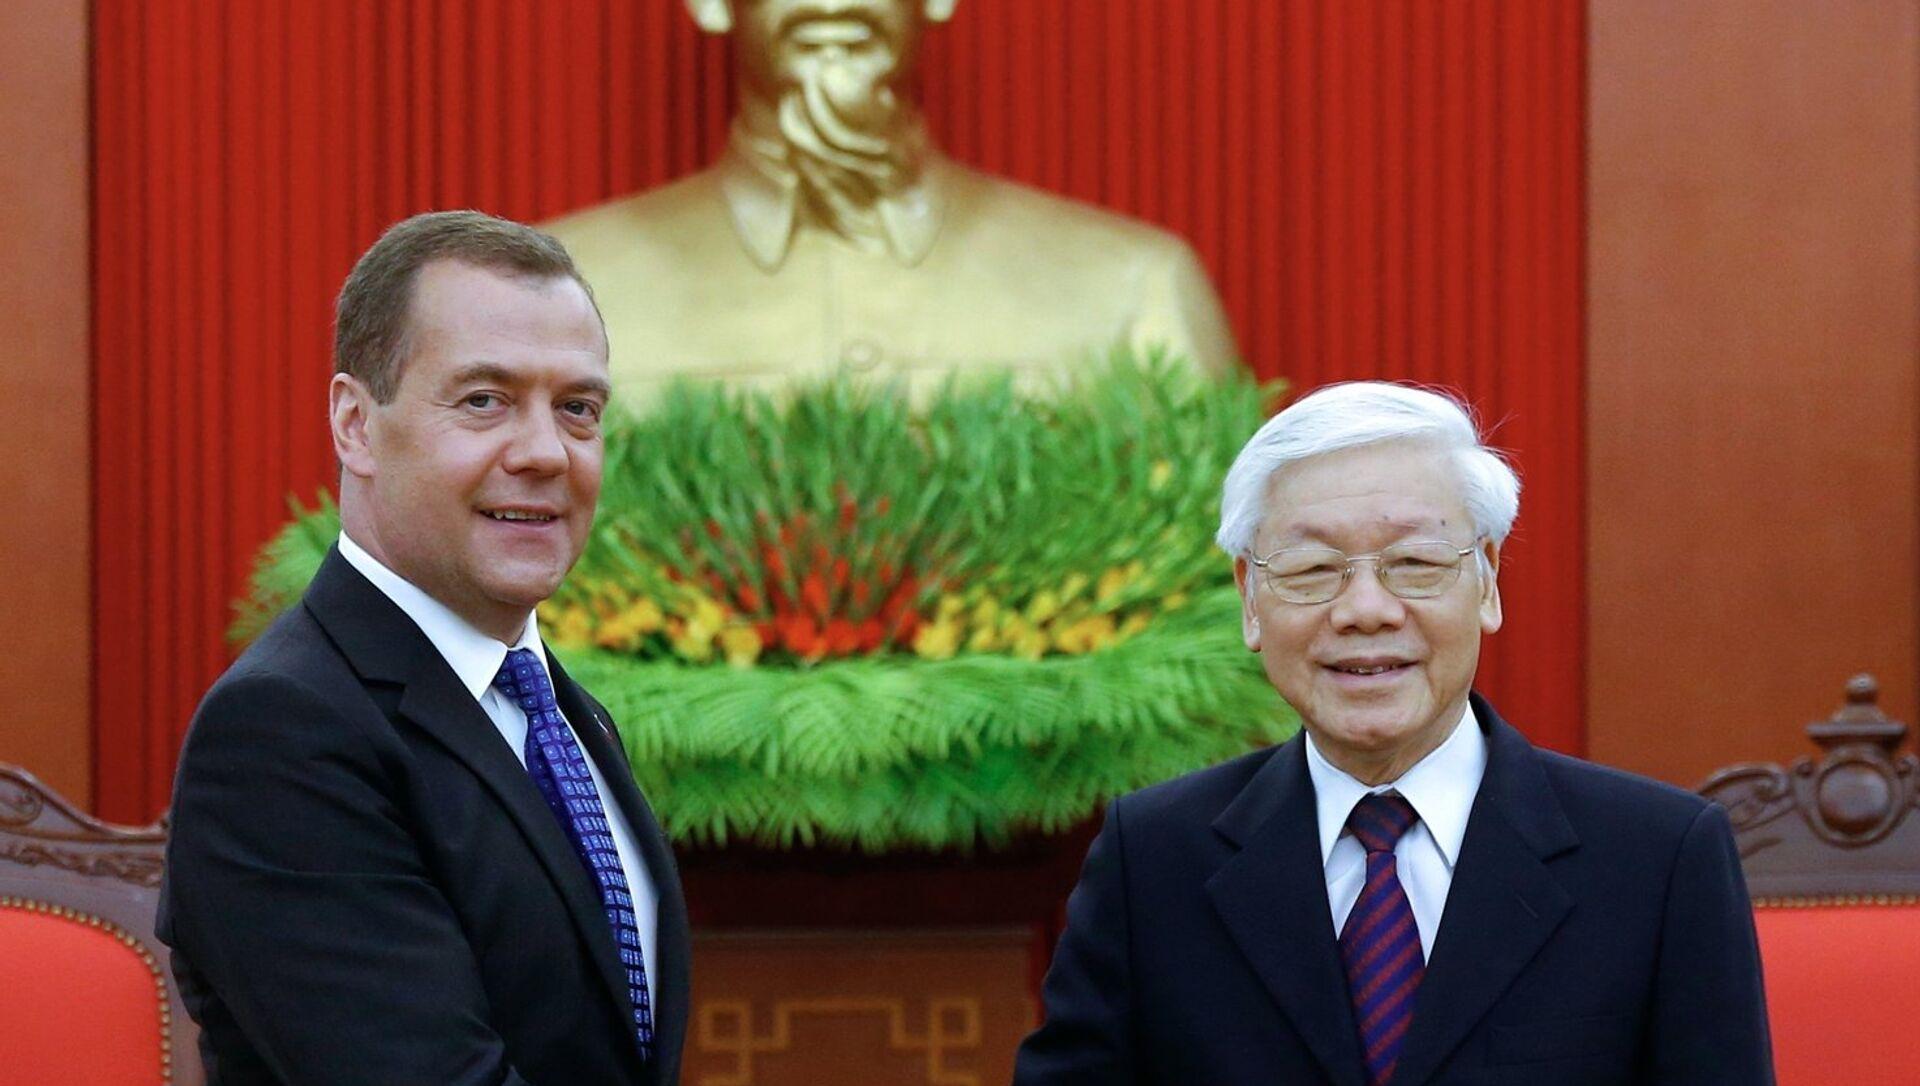 Ngày 19 tháng 11 năm 2018. Thủ tướng Nga Dmitry Medvedev và Tổng Bí thư Trung ương Đảng Cộng sản Việt Nam, Chủ tịch nước Nguyễn Phú Trọng trong cuộc gặp tại Hà Nội. - Sputnik Việt Nam, 1920, 23.09.2021